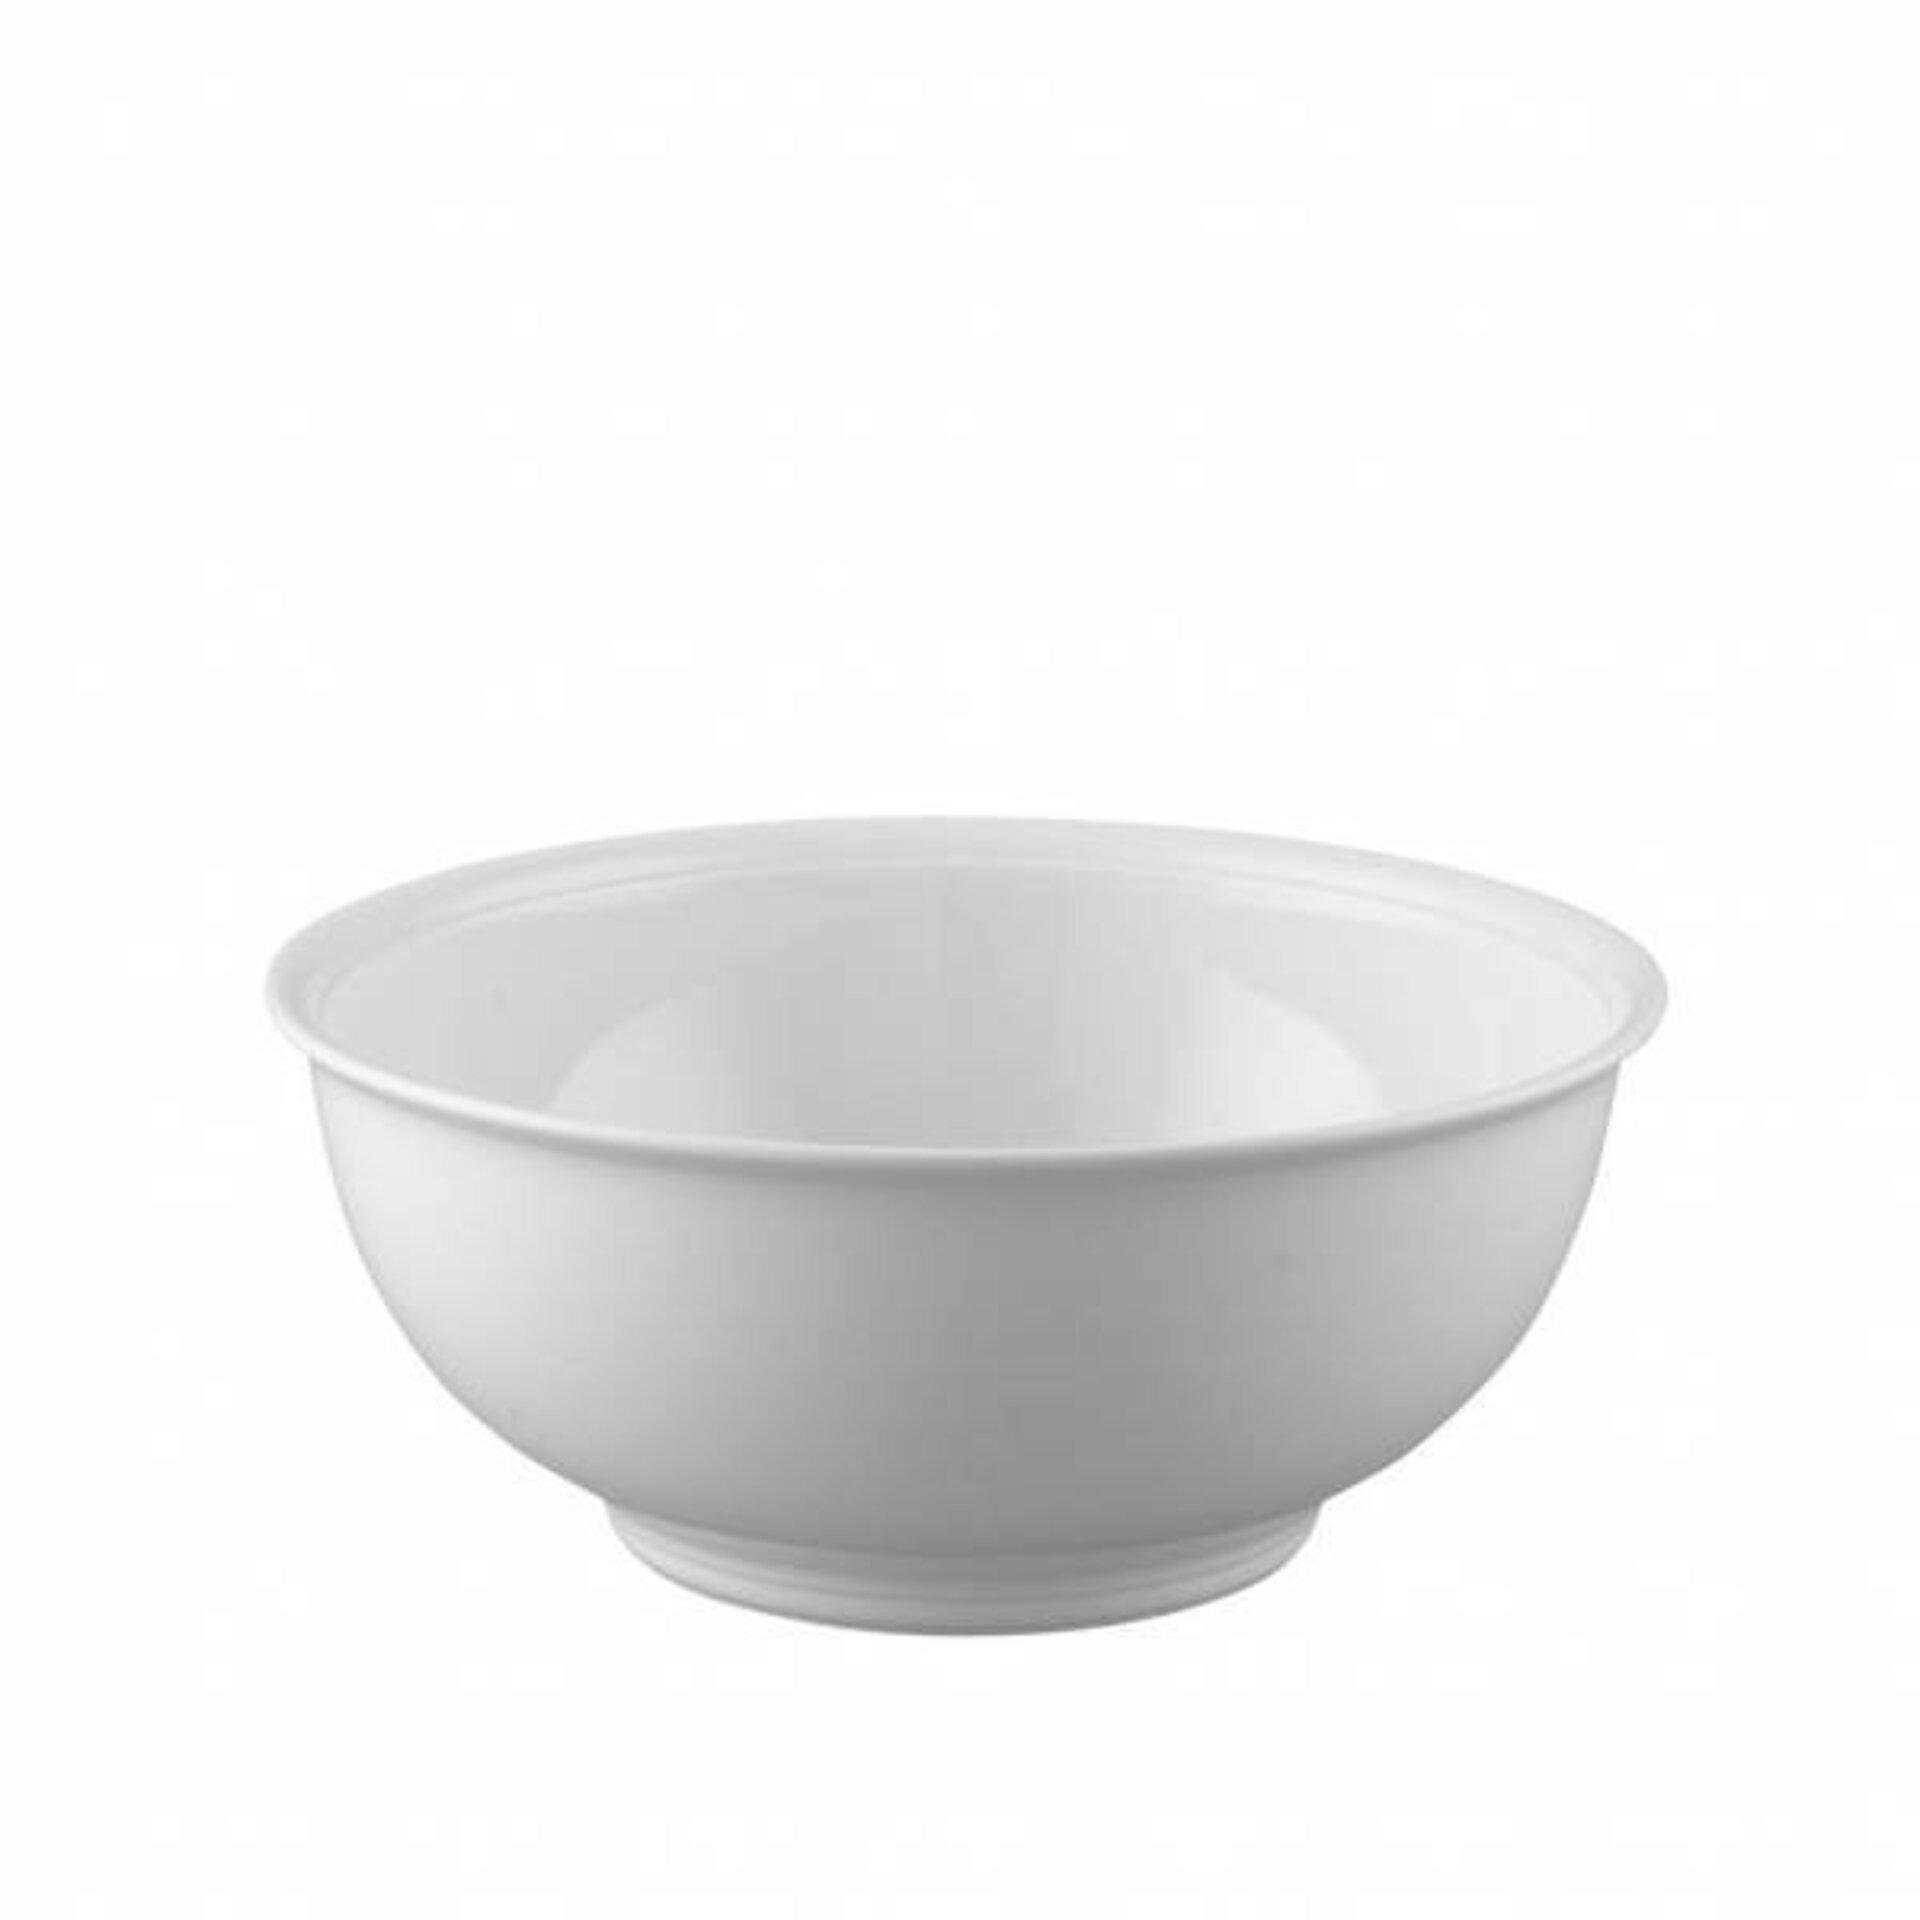 Schüssel Trend Thomas Keramik